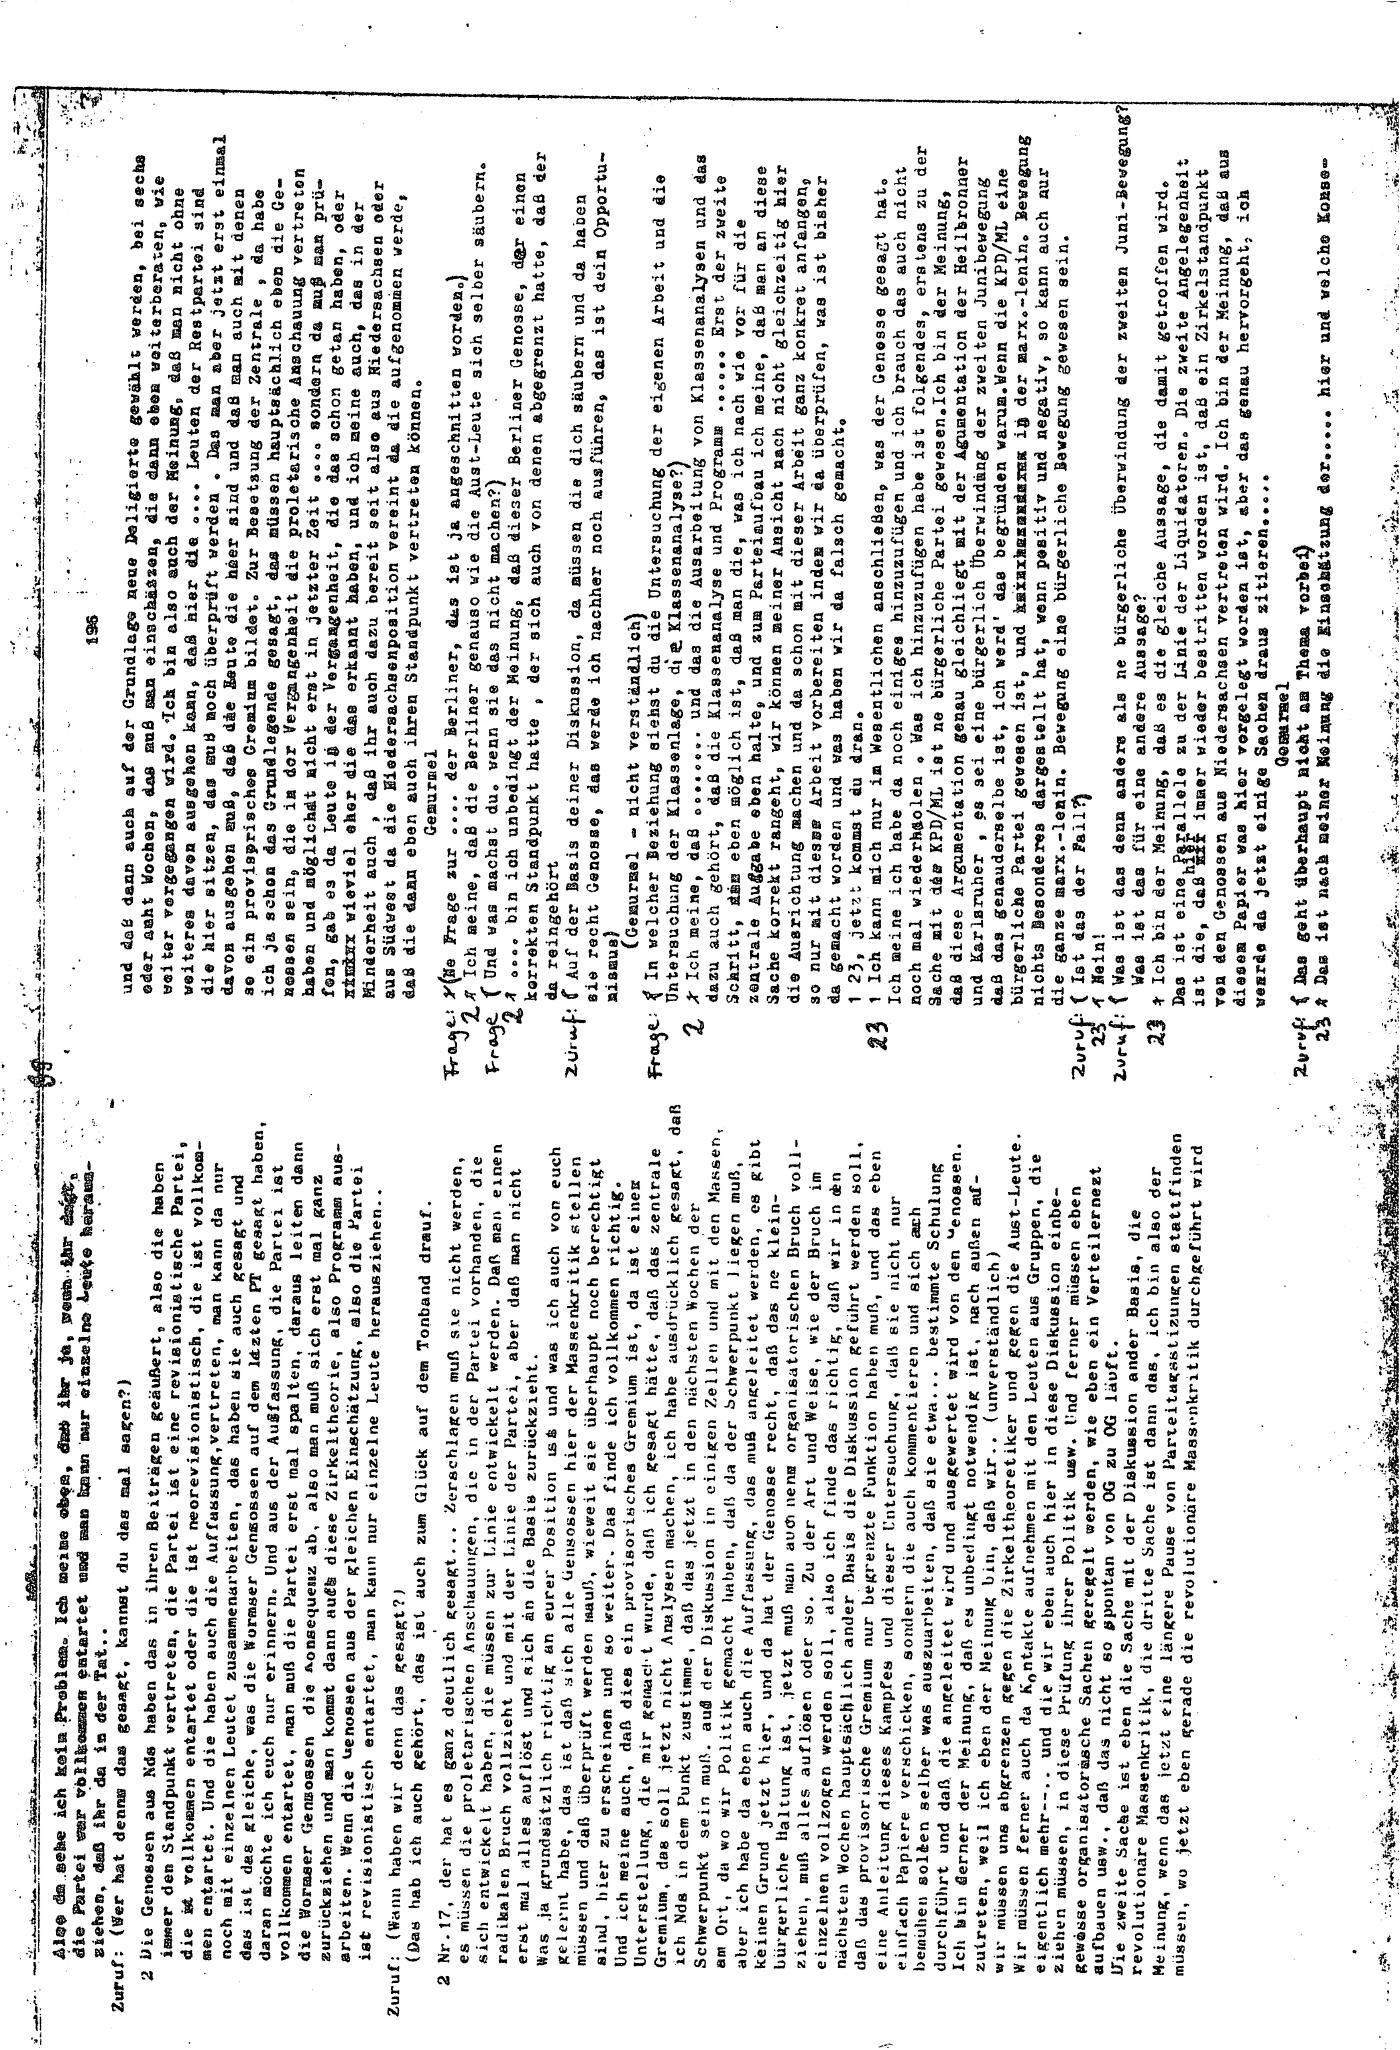 KPDML_1971_Wortprotokolle_aoPt_090